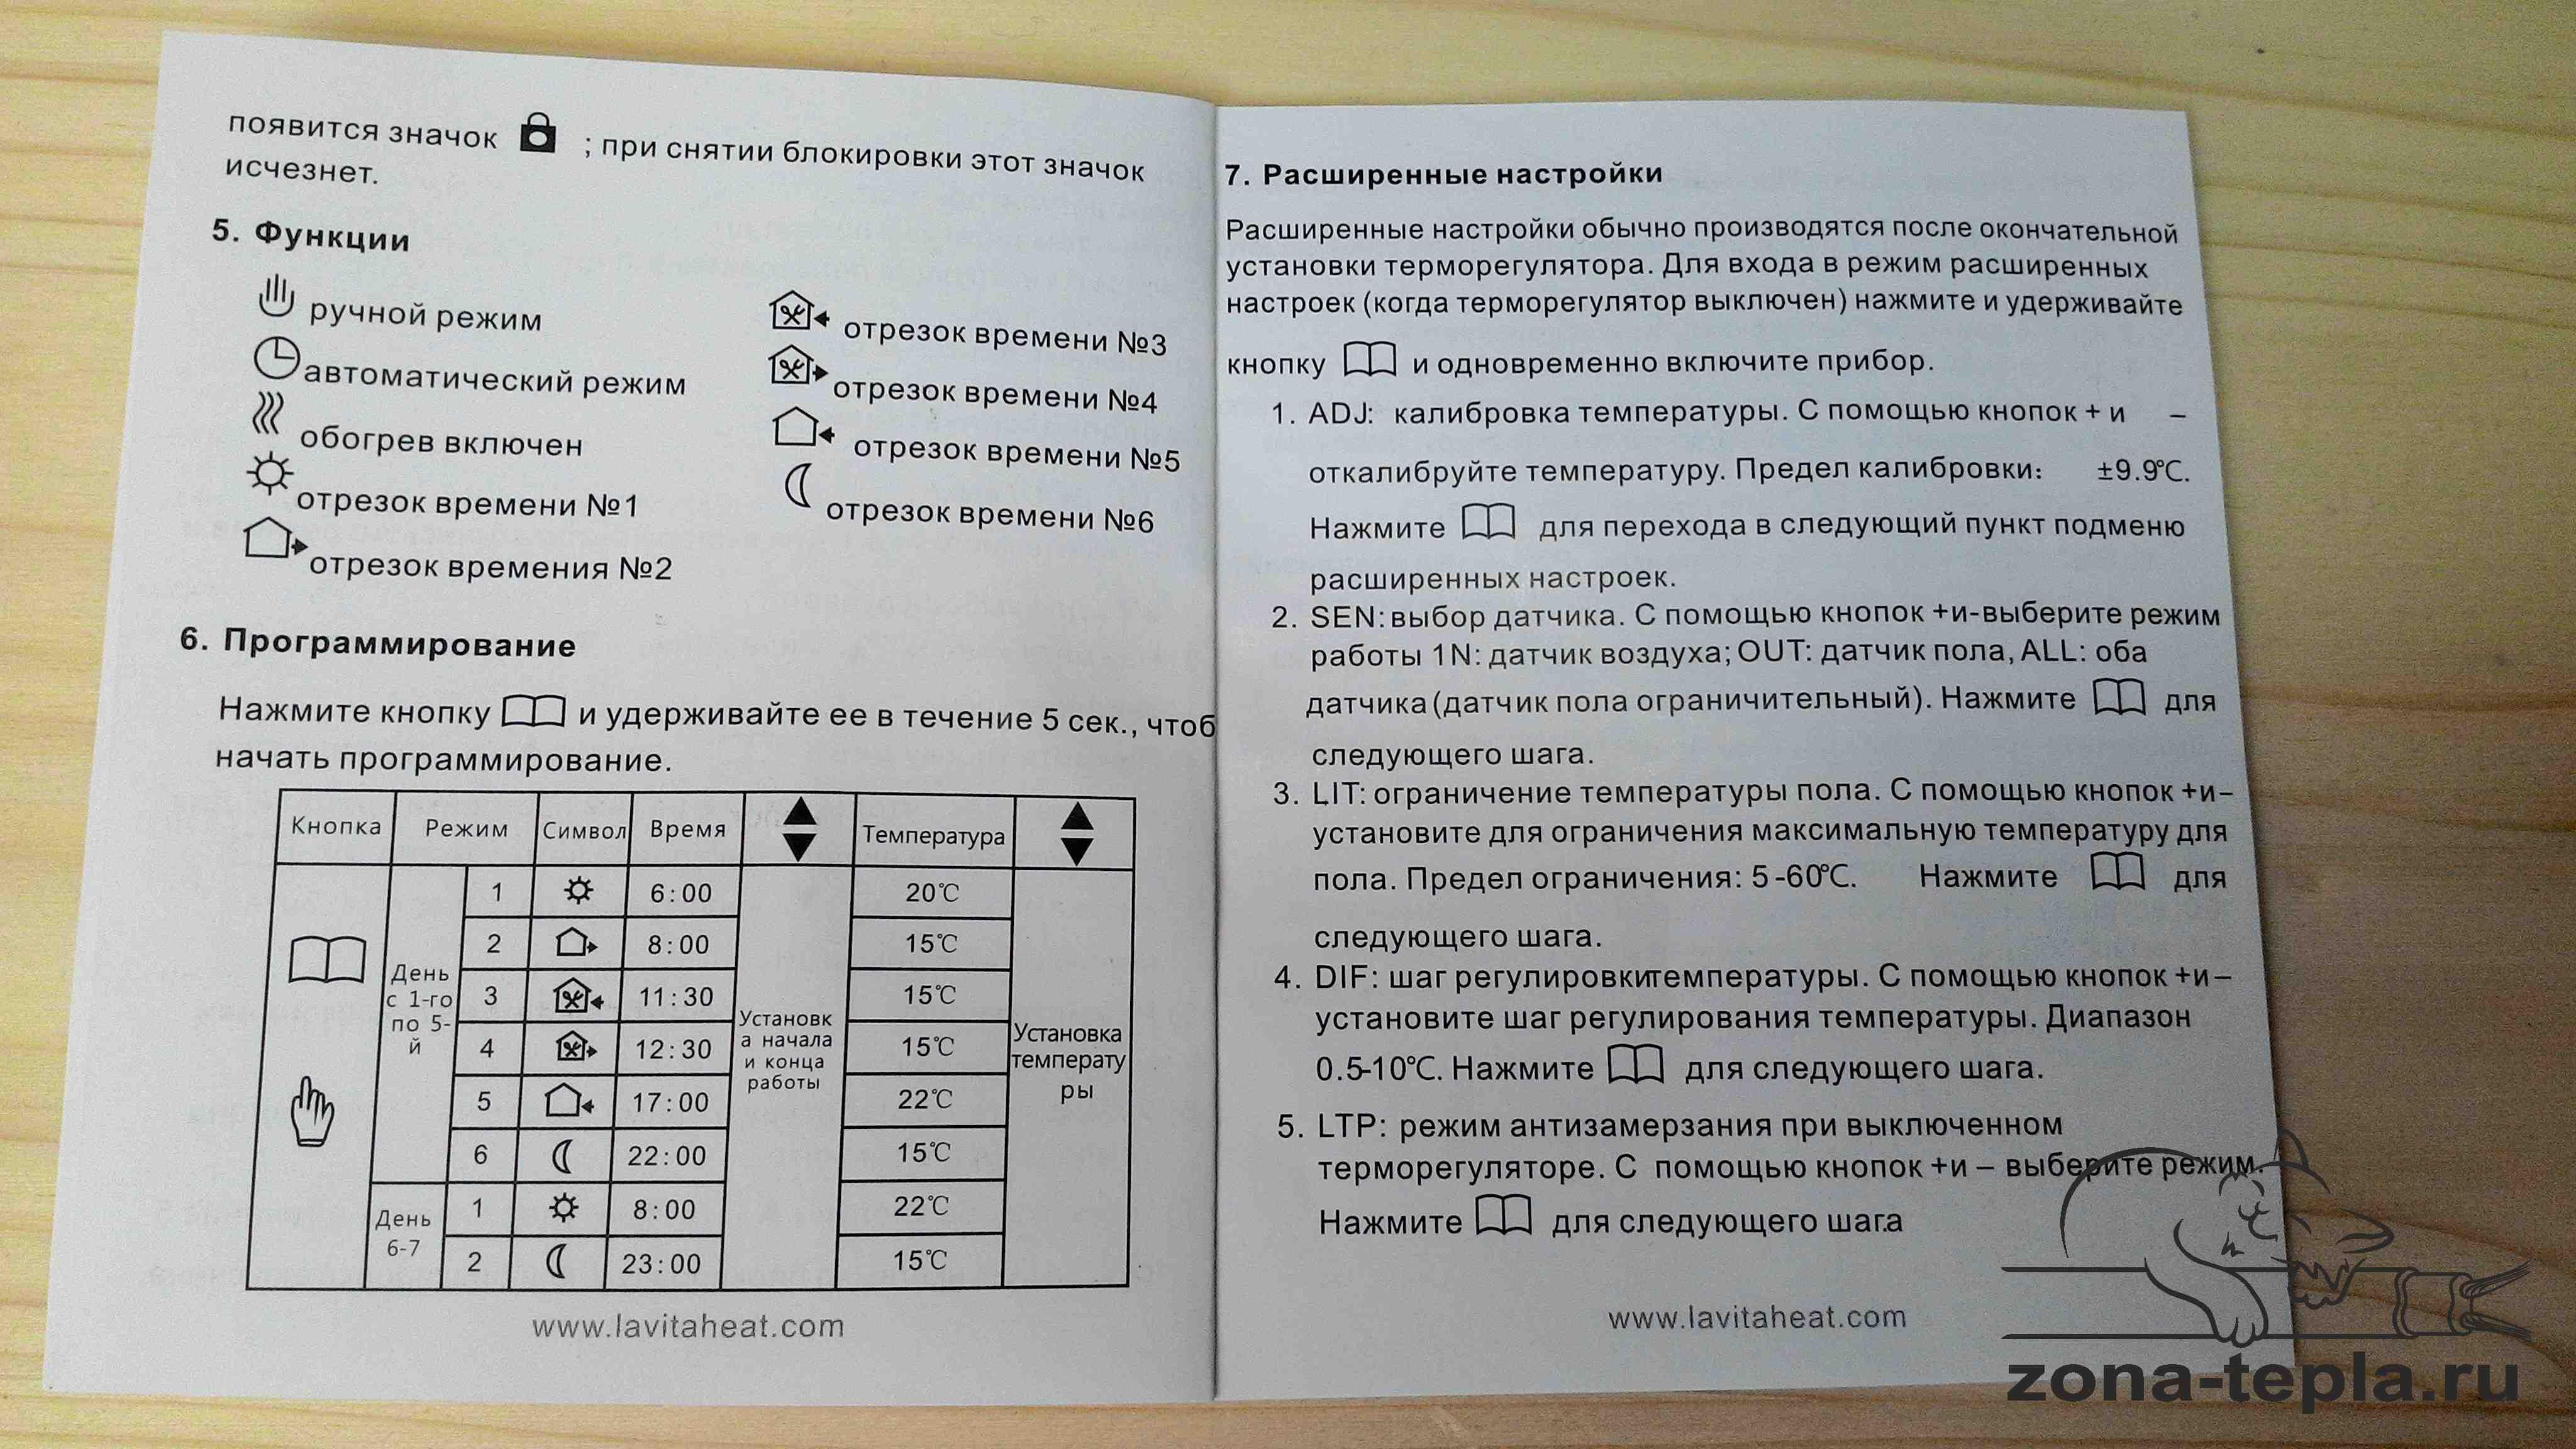 Терморегулятор для теплого пола Lavita E51.716 инструкция стр 2